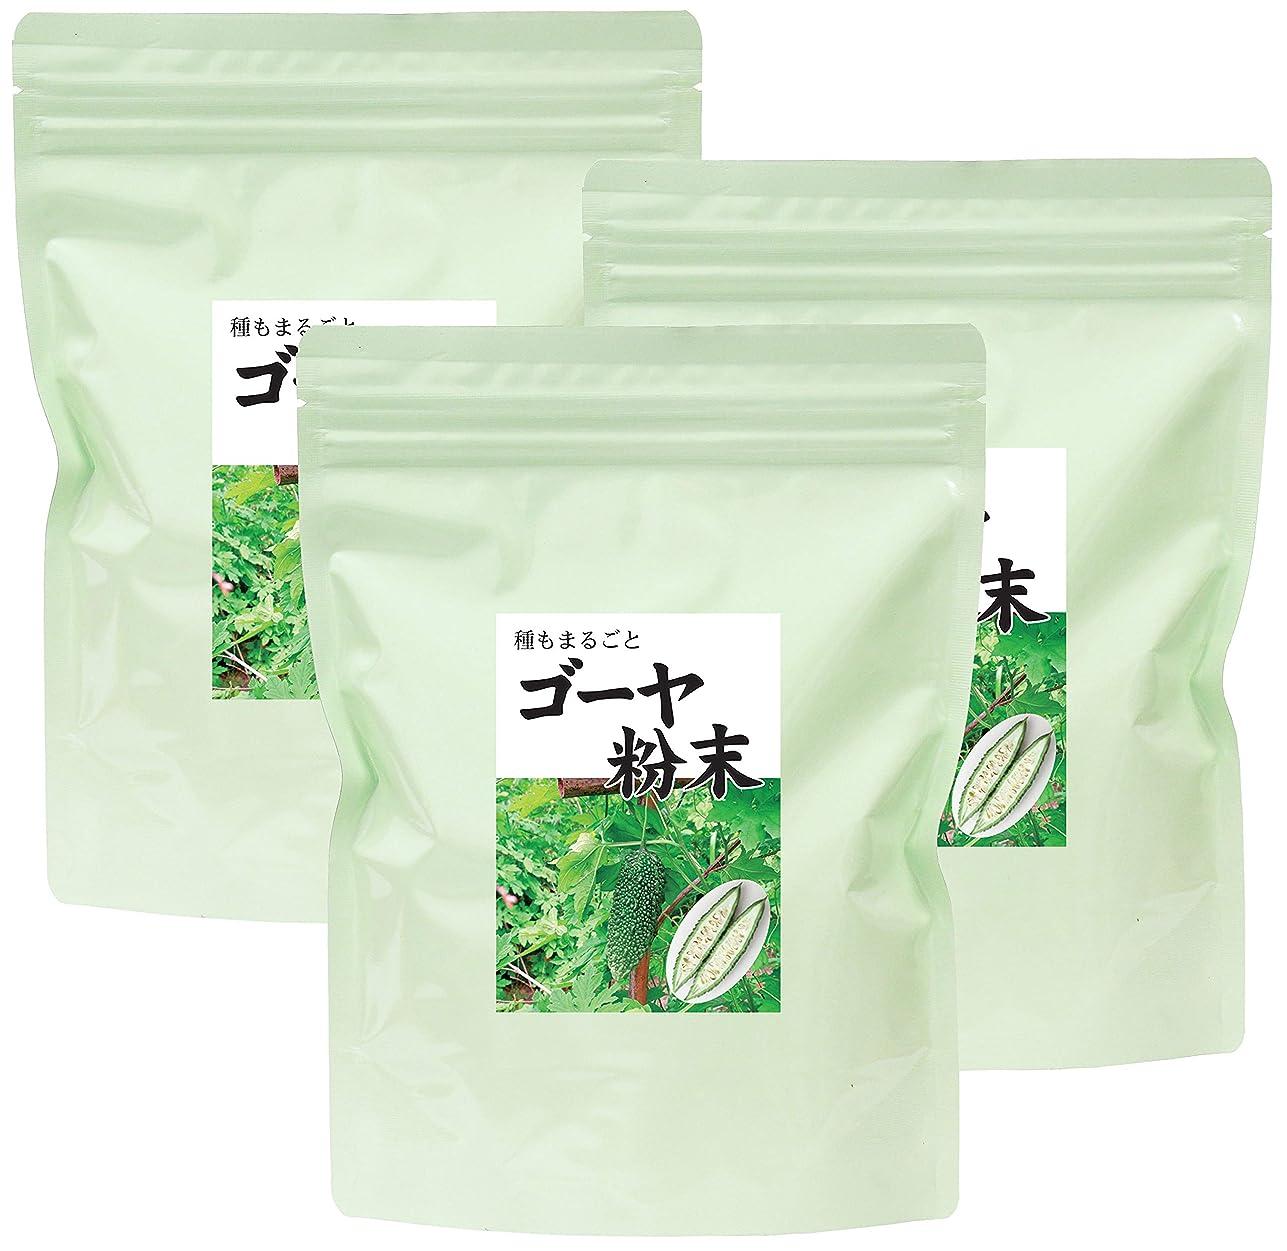 貫通する追加かすかな自然健康社 国産ゴーヤ青汁粉末 100g×3個 チャック付アルミ袋入り